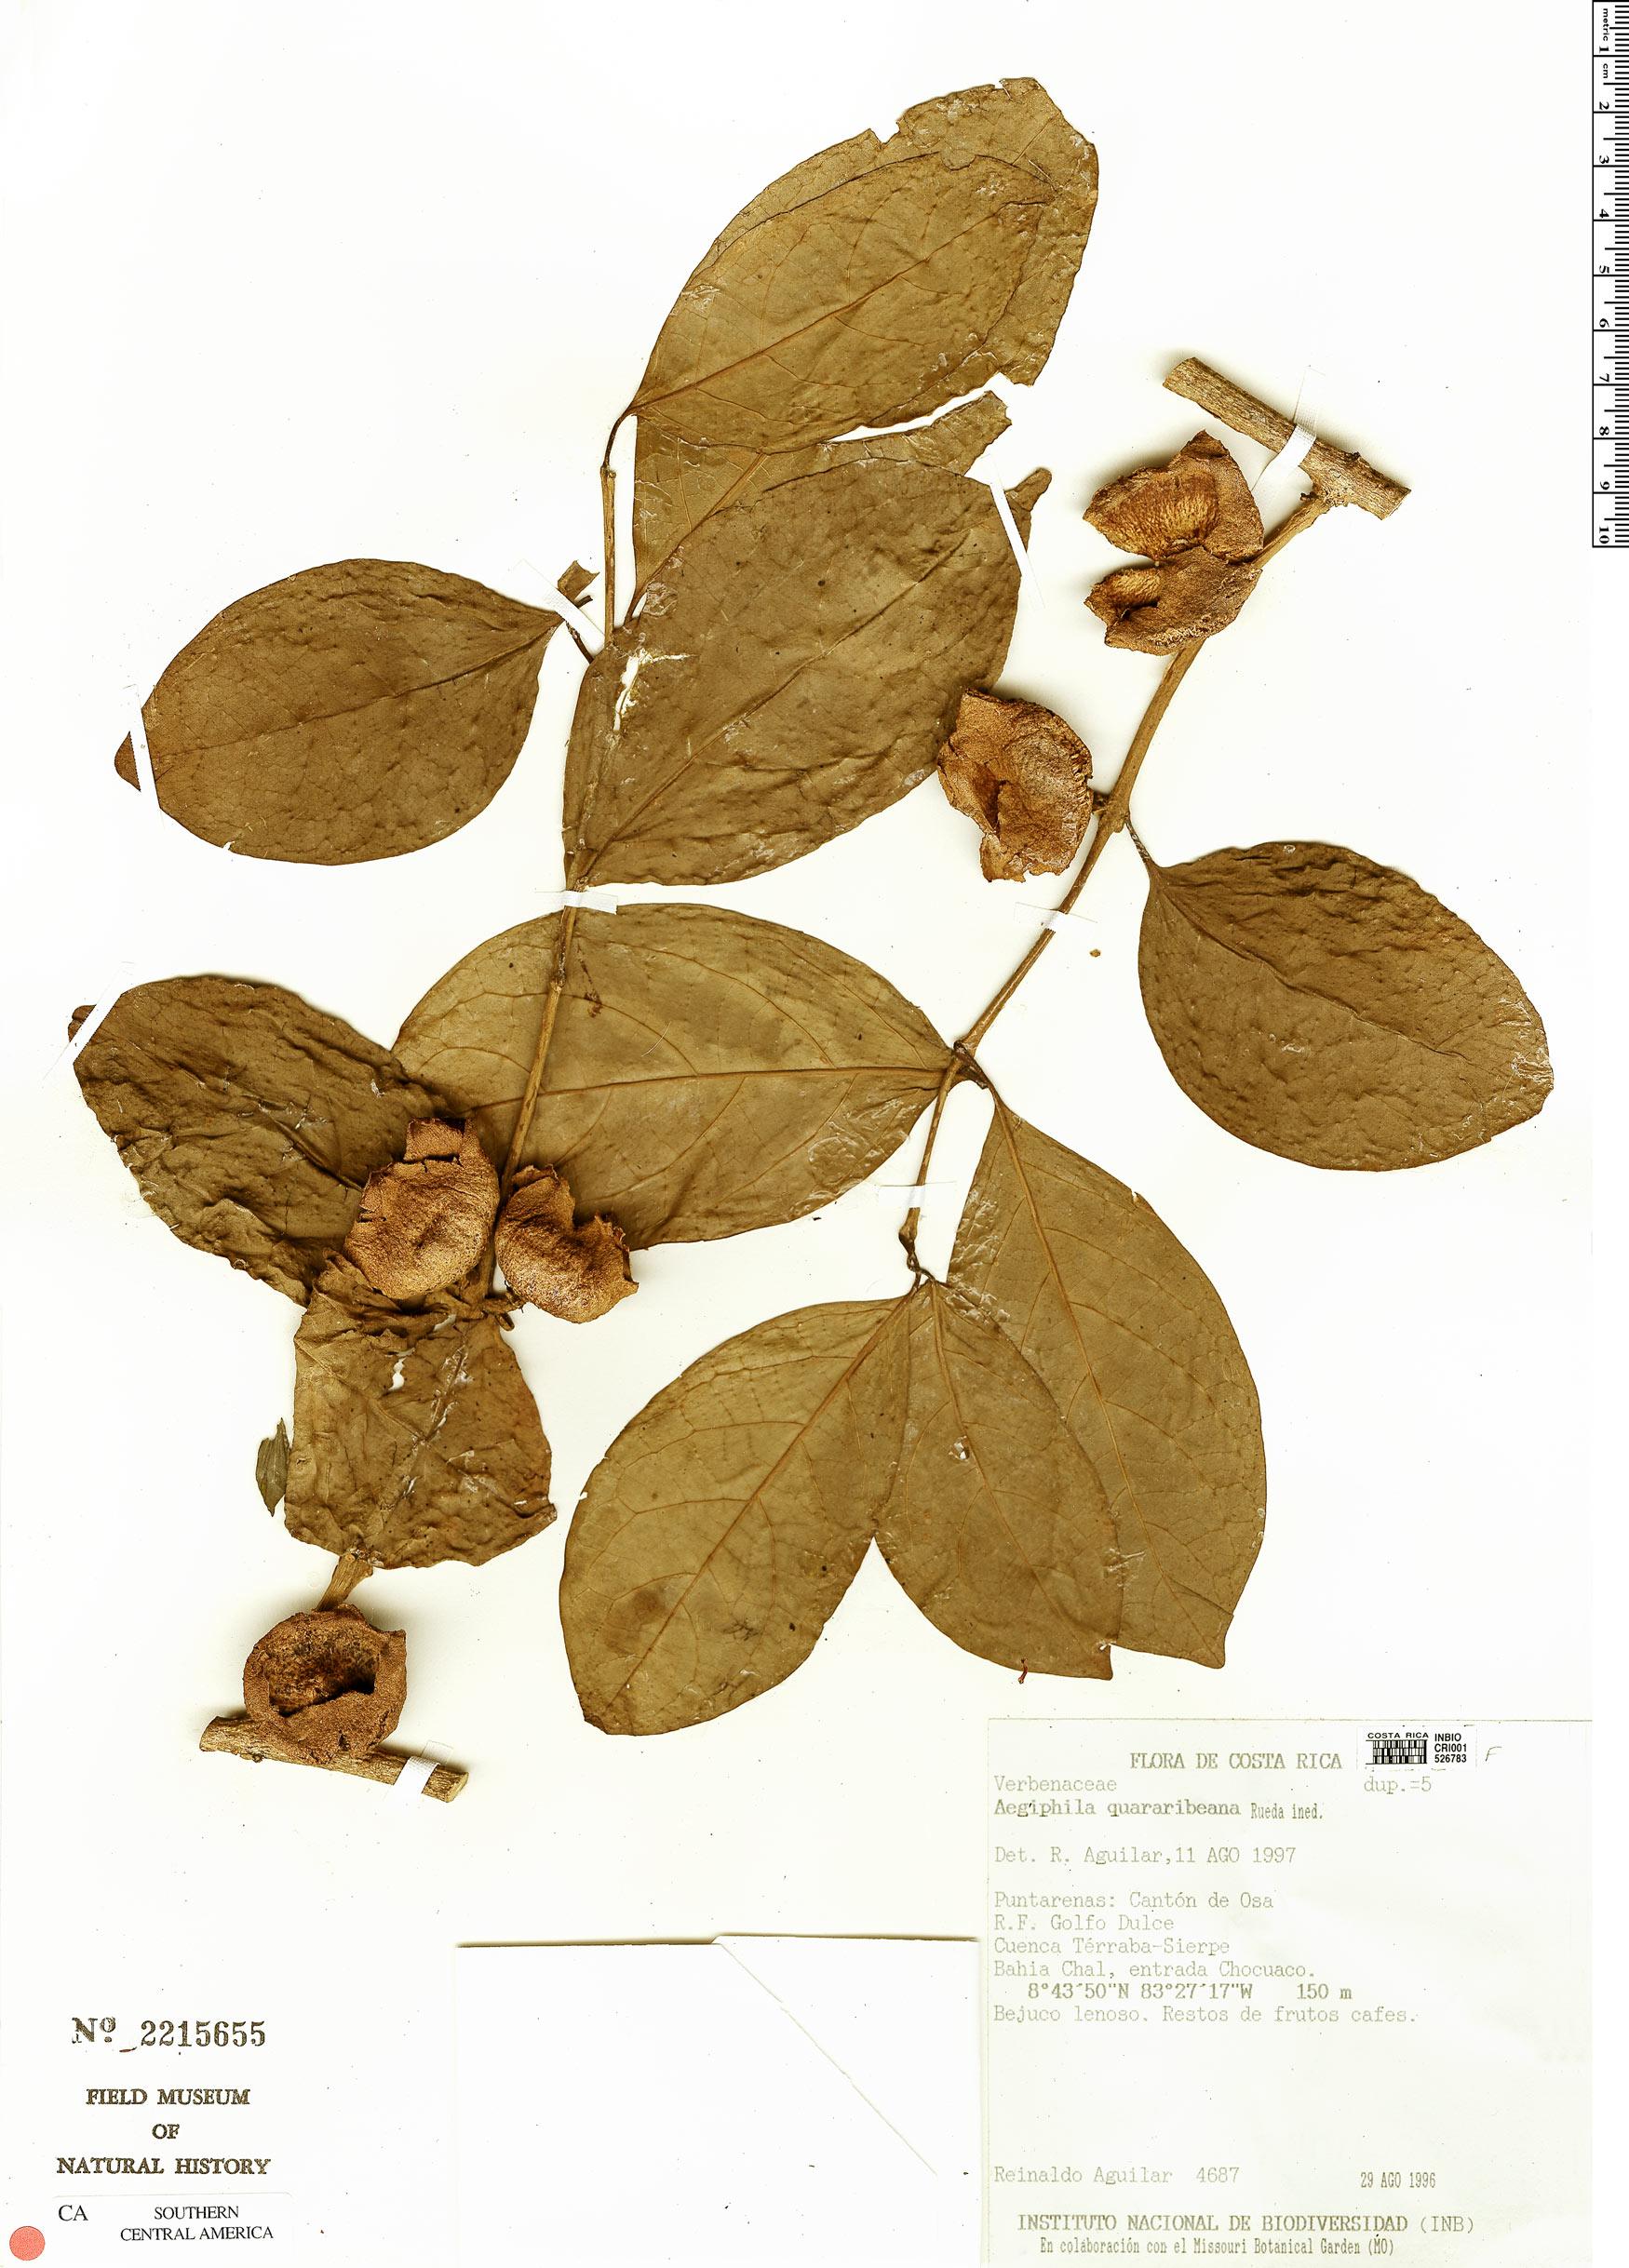 Specimen: Aegiphila quararibeana